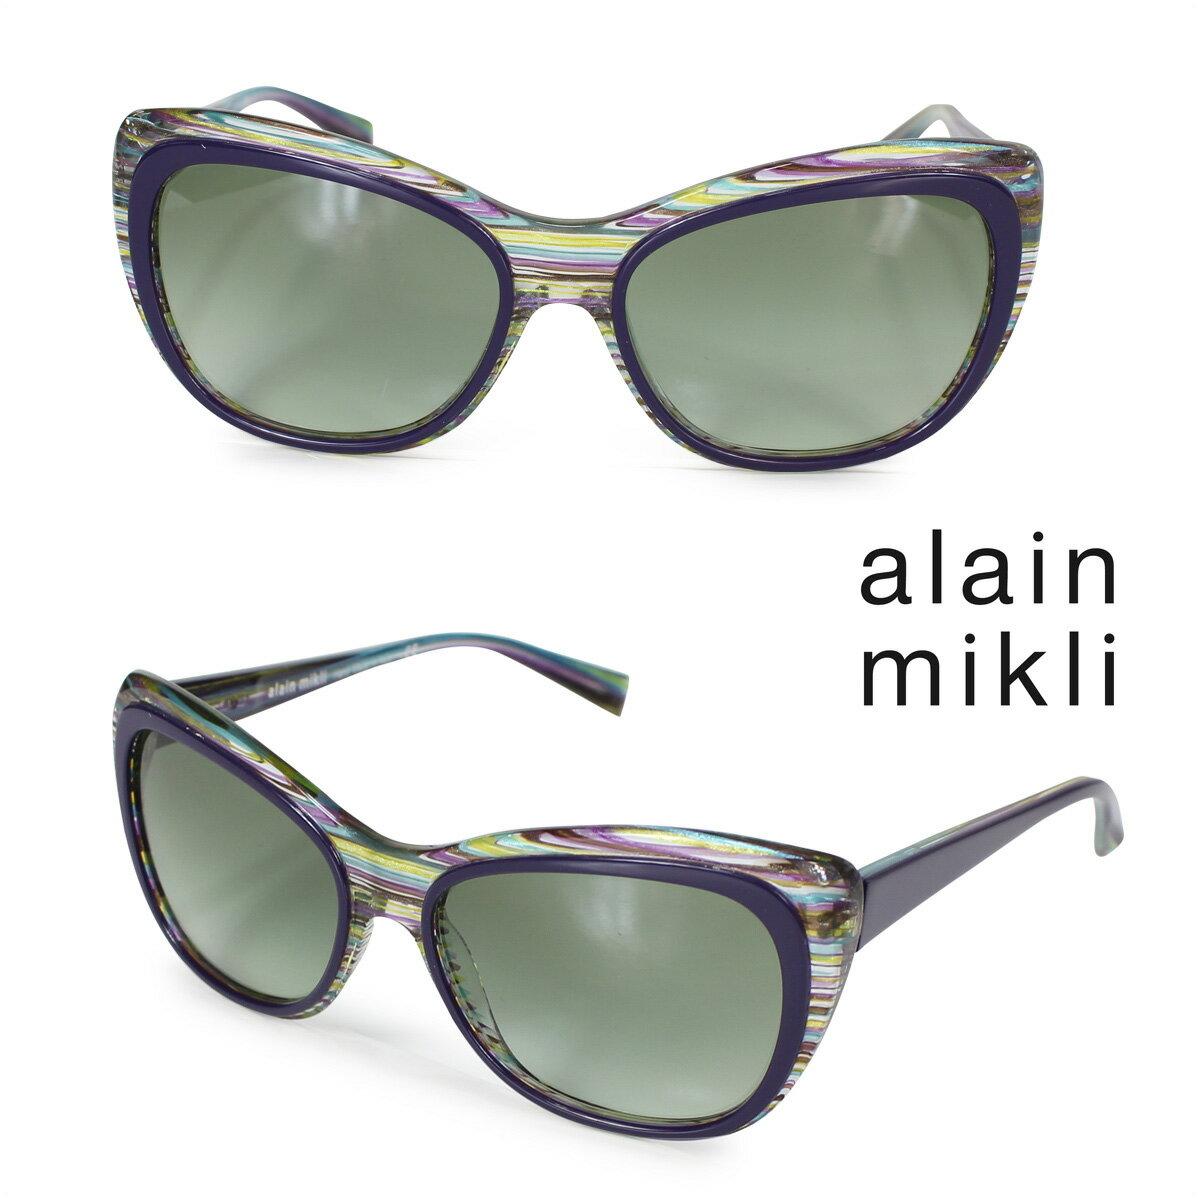 アランミクリ サングラス メガネ alain mikli メガネフレーム 眼鏡 イタリア製 メンズ レディース